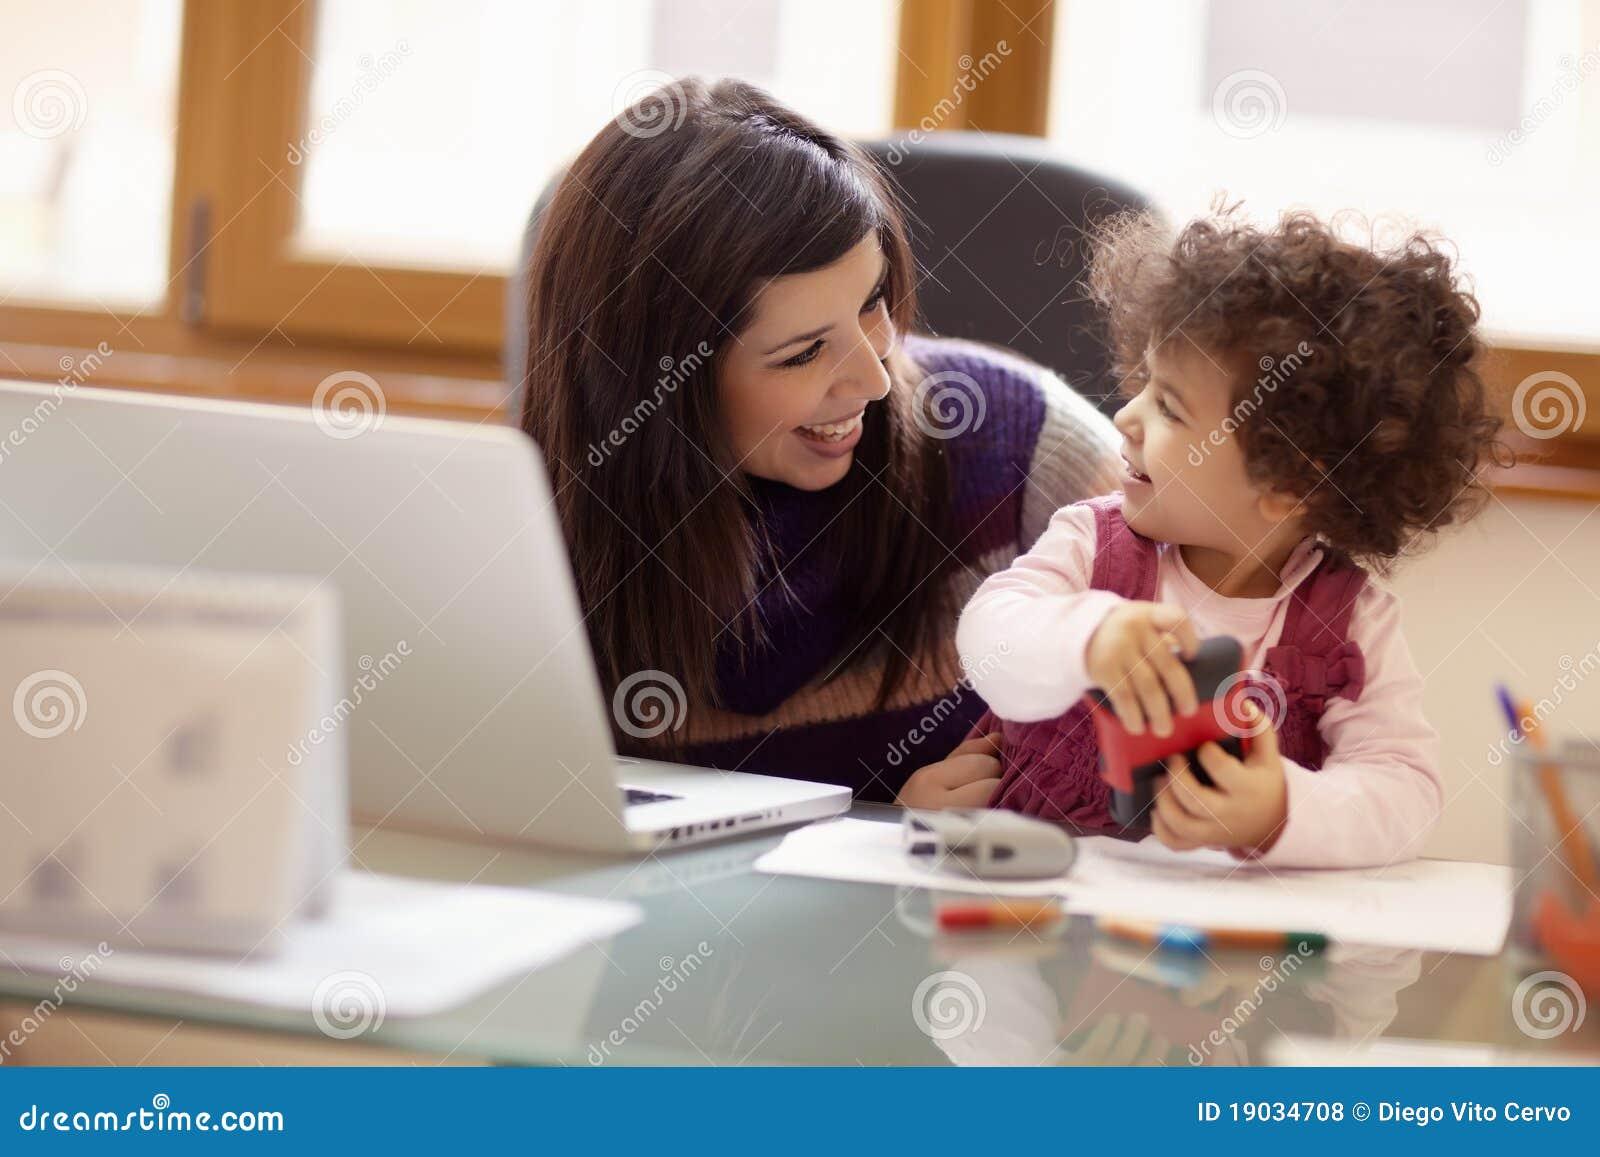 Πολλαπλών καθηκόντων μητέρα με την κόρη της